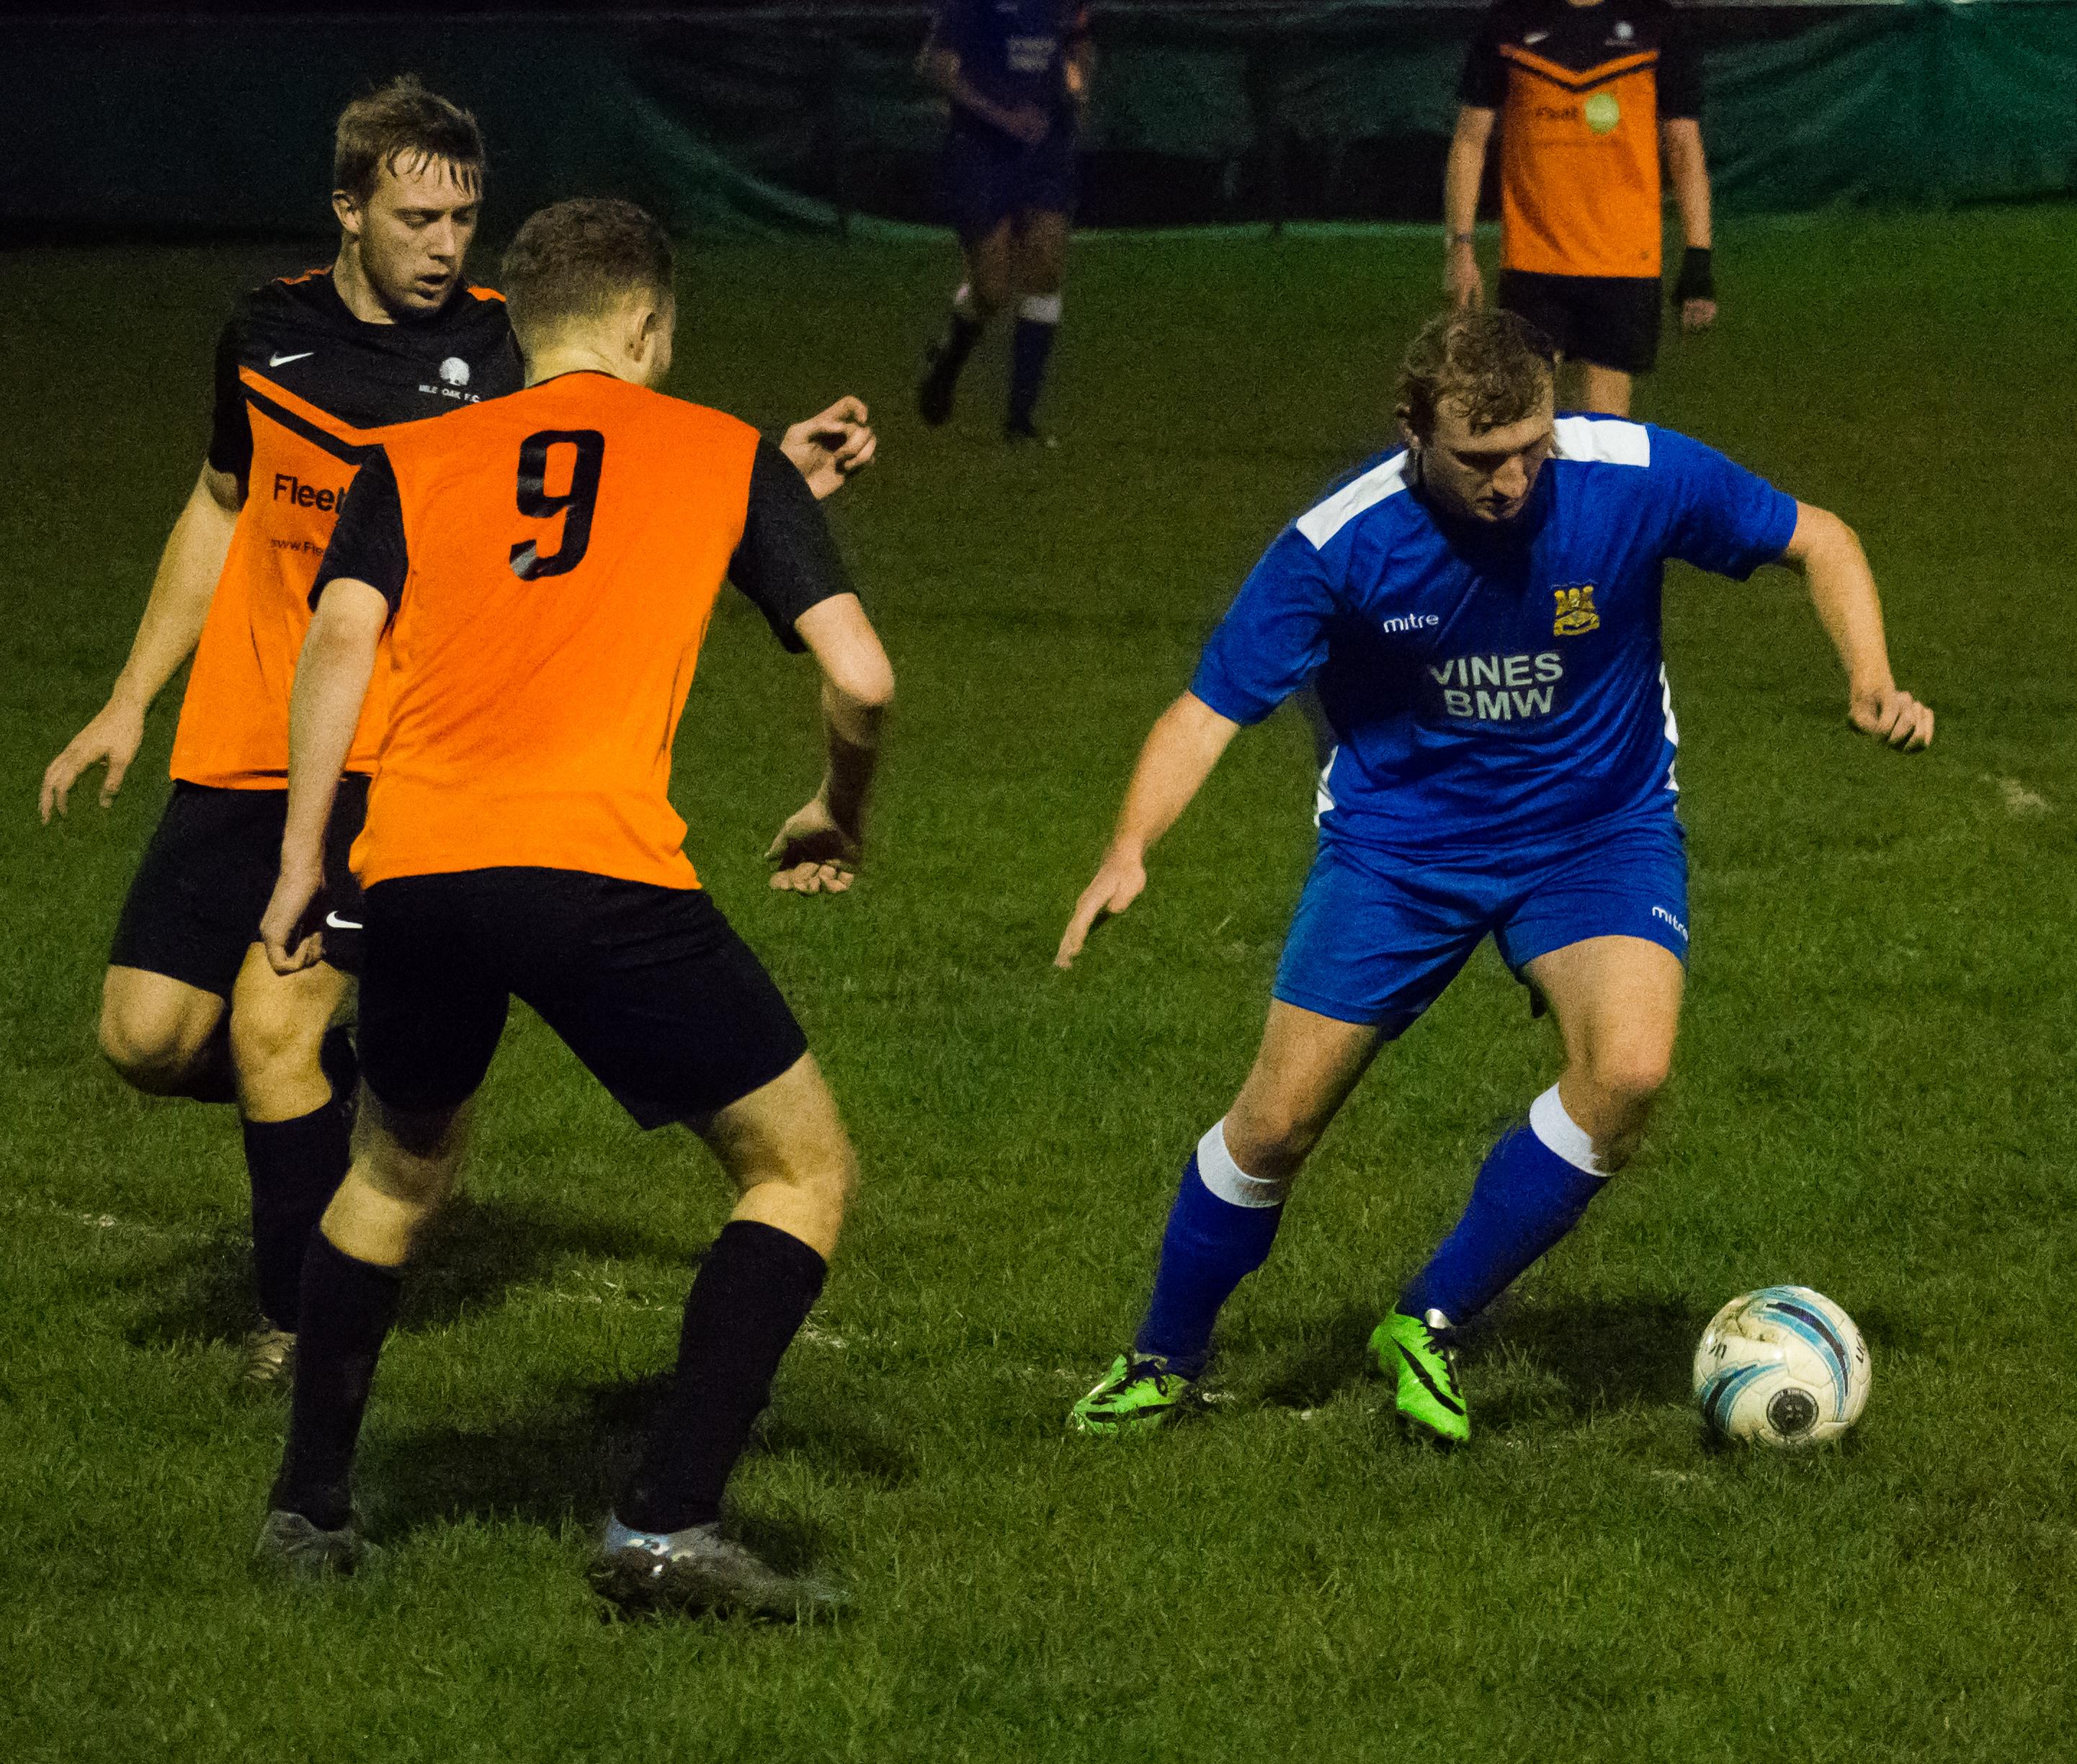 Mile Oak U21s vs Three Bridges U21s 09.11.17 07